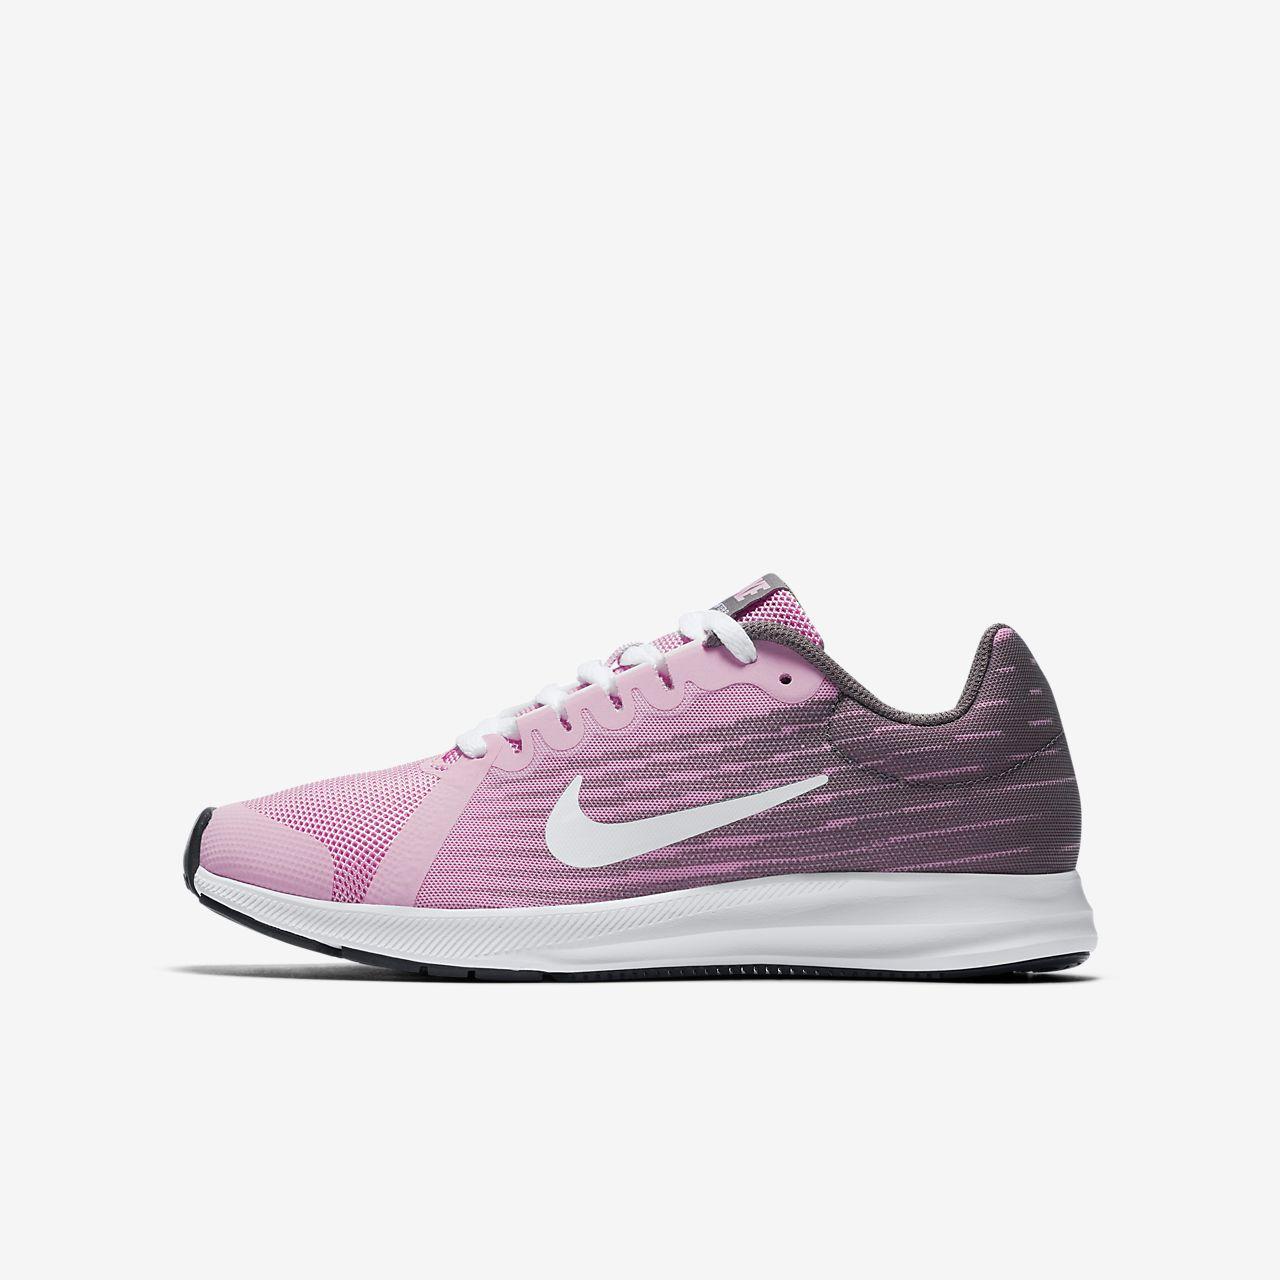 64ca4d4a Беговые кроссовки для школьников Nike Downshifter 8. Nike.com RU